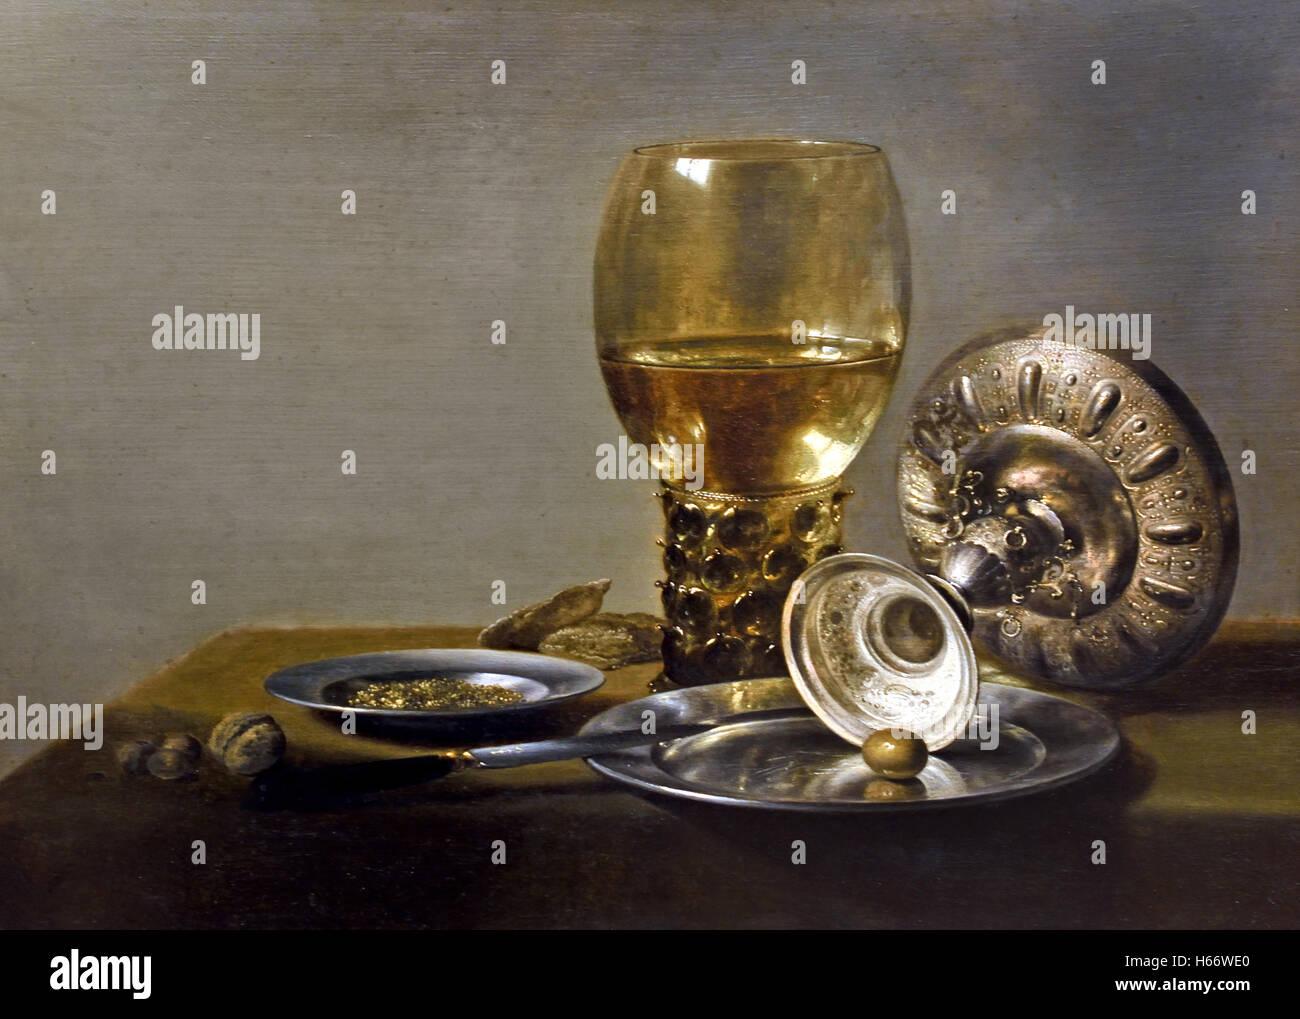 La vie toujours avec les Romains et silver shell 1635 Pieter Claesz.1597-1660 Haarlem Pays-Bas néerlandais Photo Stock